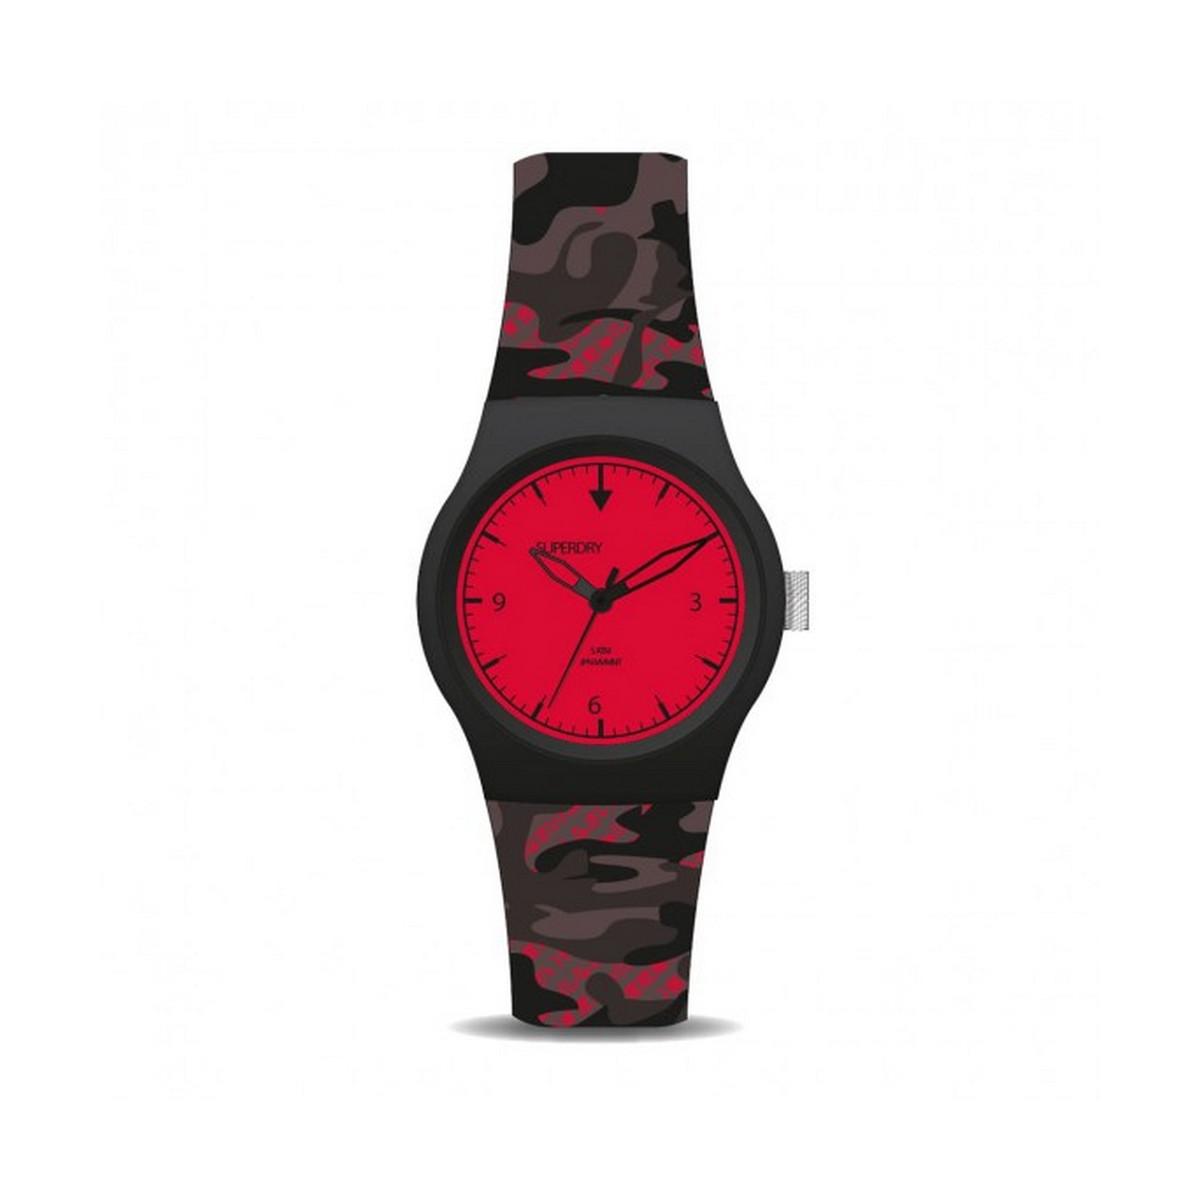 Montre Unisexe Superdry URBAN FLURO CAMO Analogique Cadran rouge  Bracelet en silicone à motifs